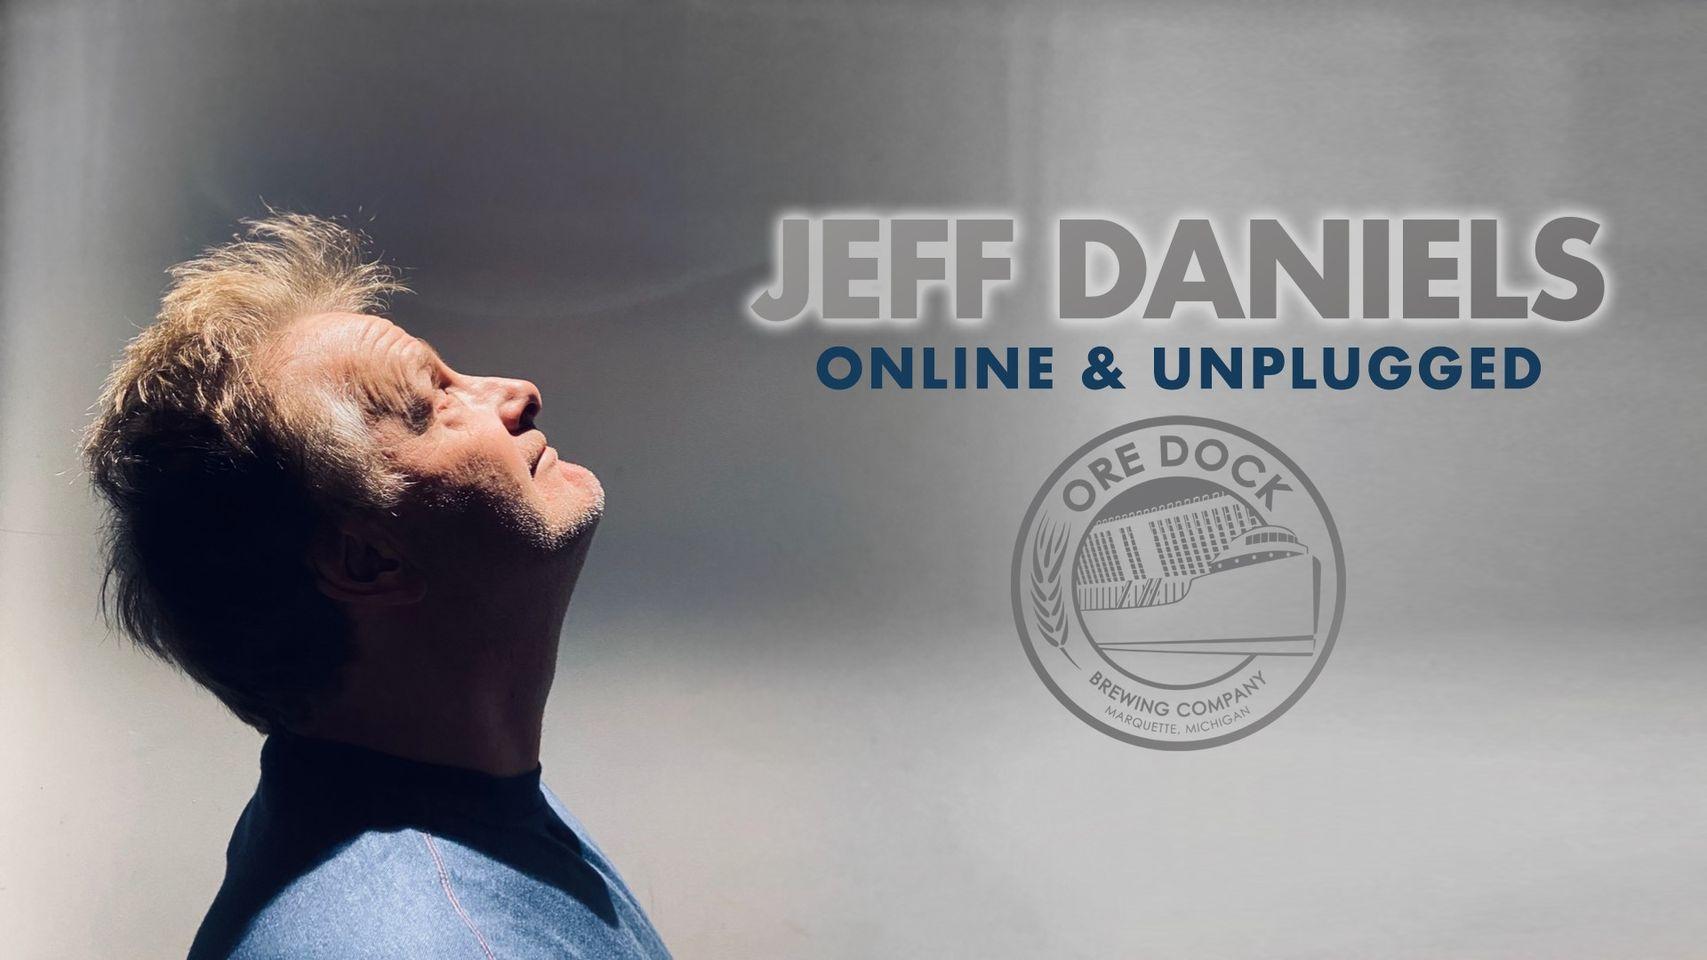 Jeff Daniels Ore Dock